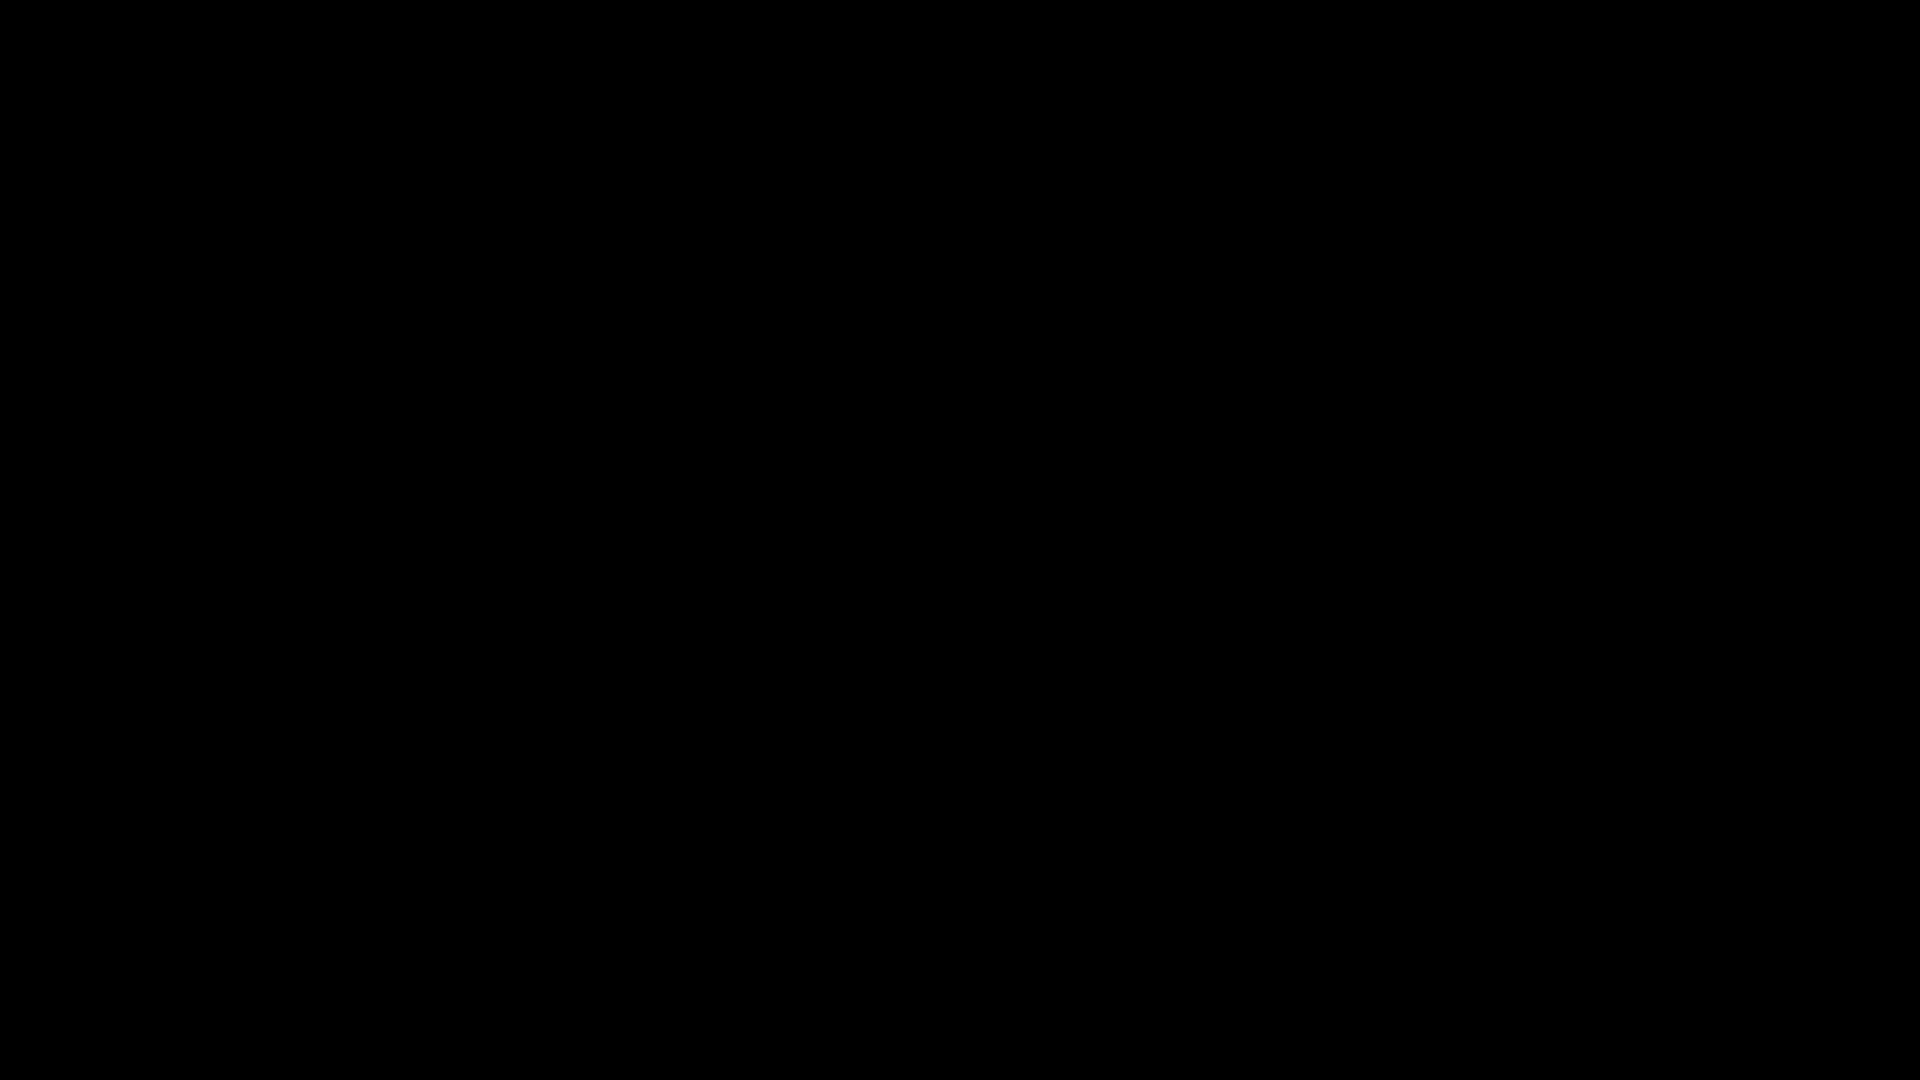 リアル盗撮 清楚なお女市さんのマル秘私生活② 盗撮エロすぎ   美女達のヌード  53連発 36